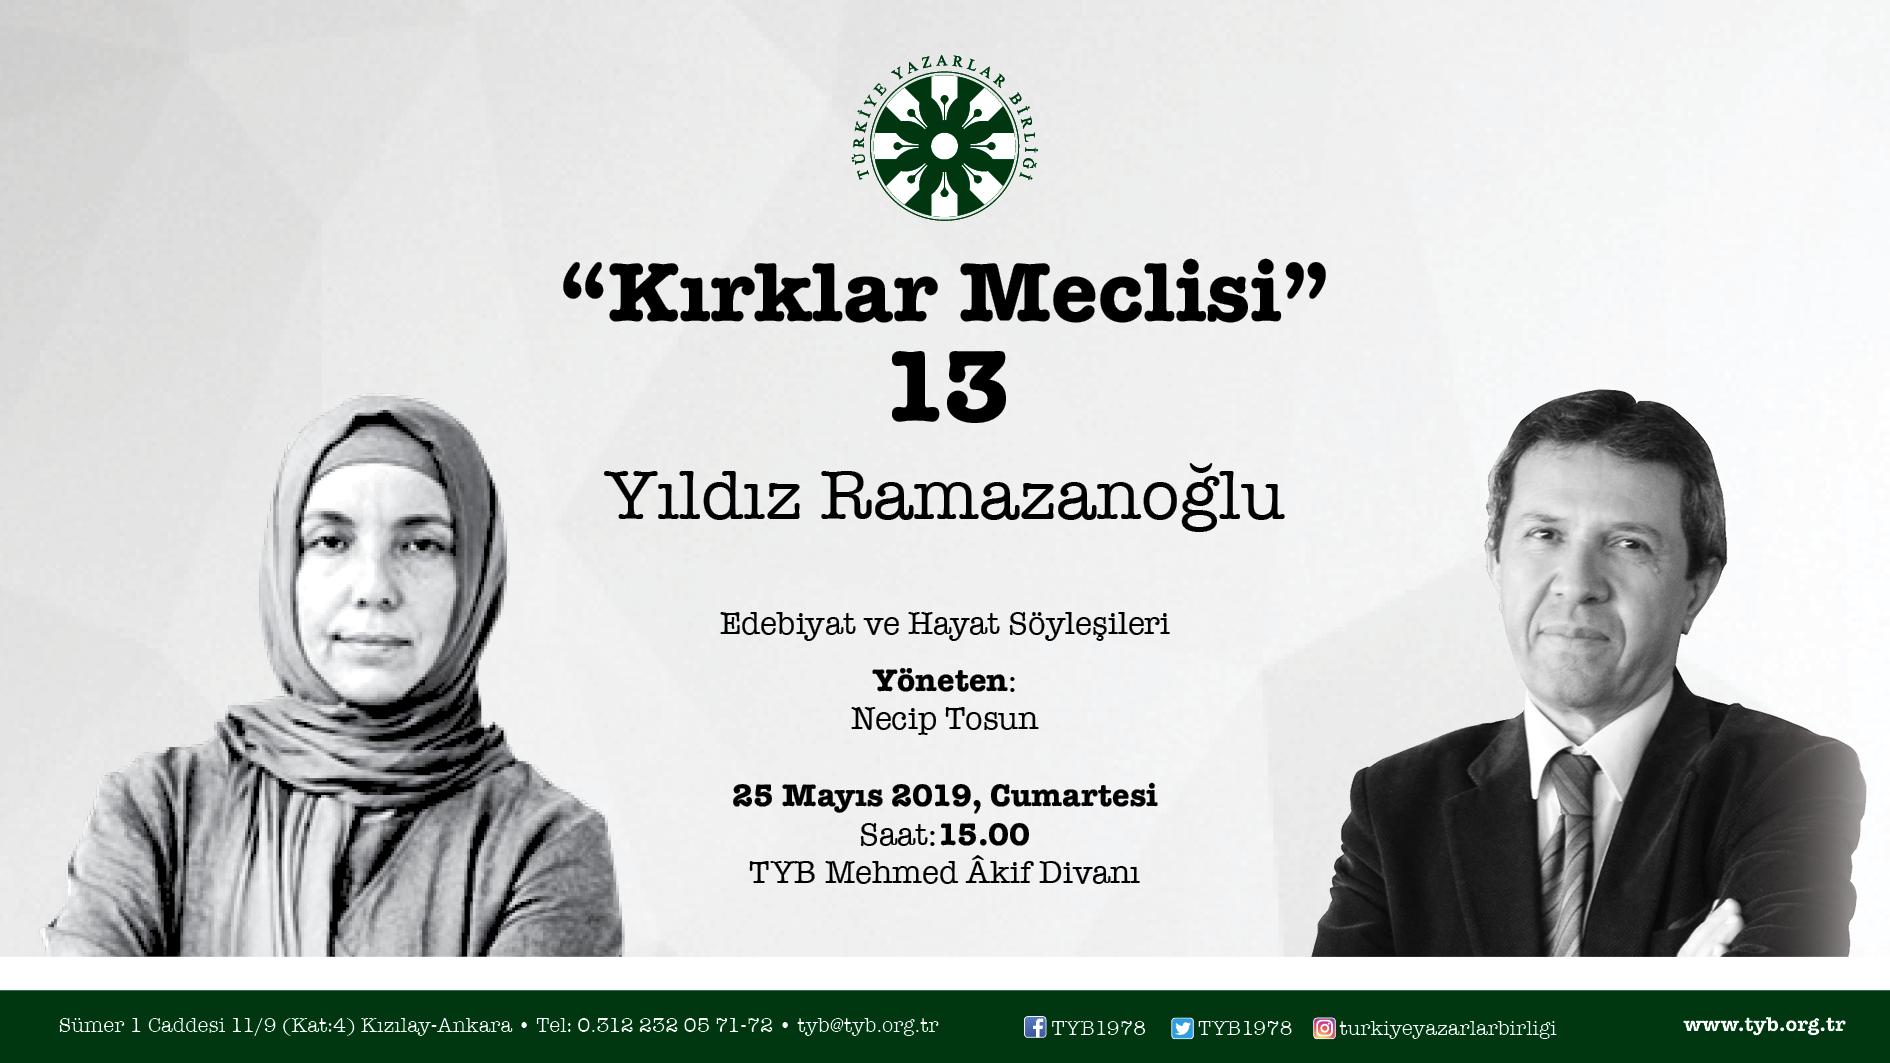 """Yıldız Ramazanoğlu """"Kırklar Meclisi""""ne Konuk Olacak"""